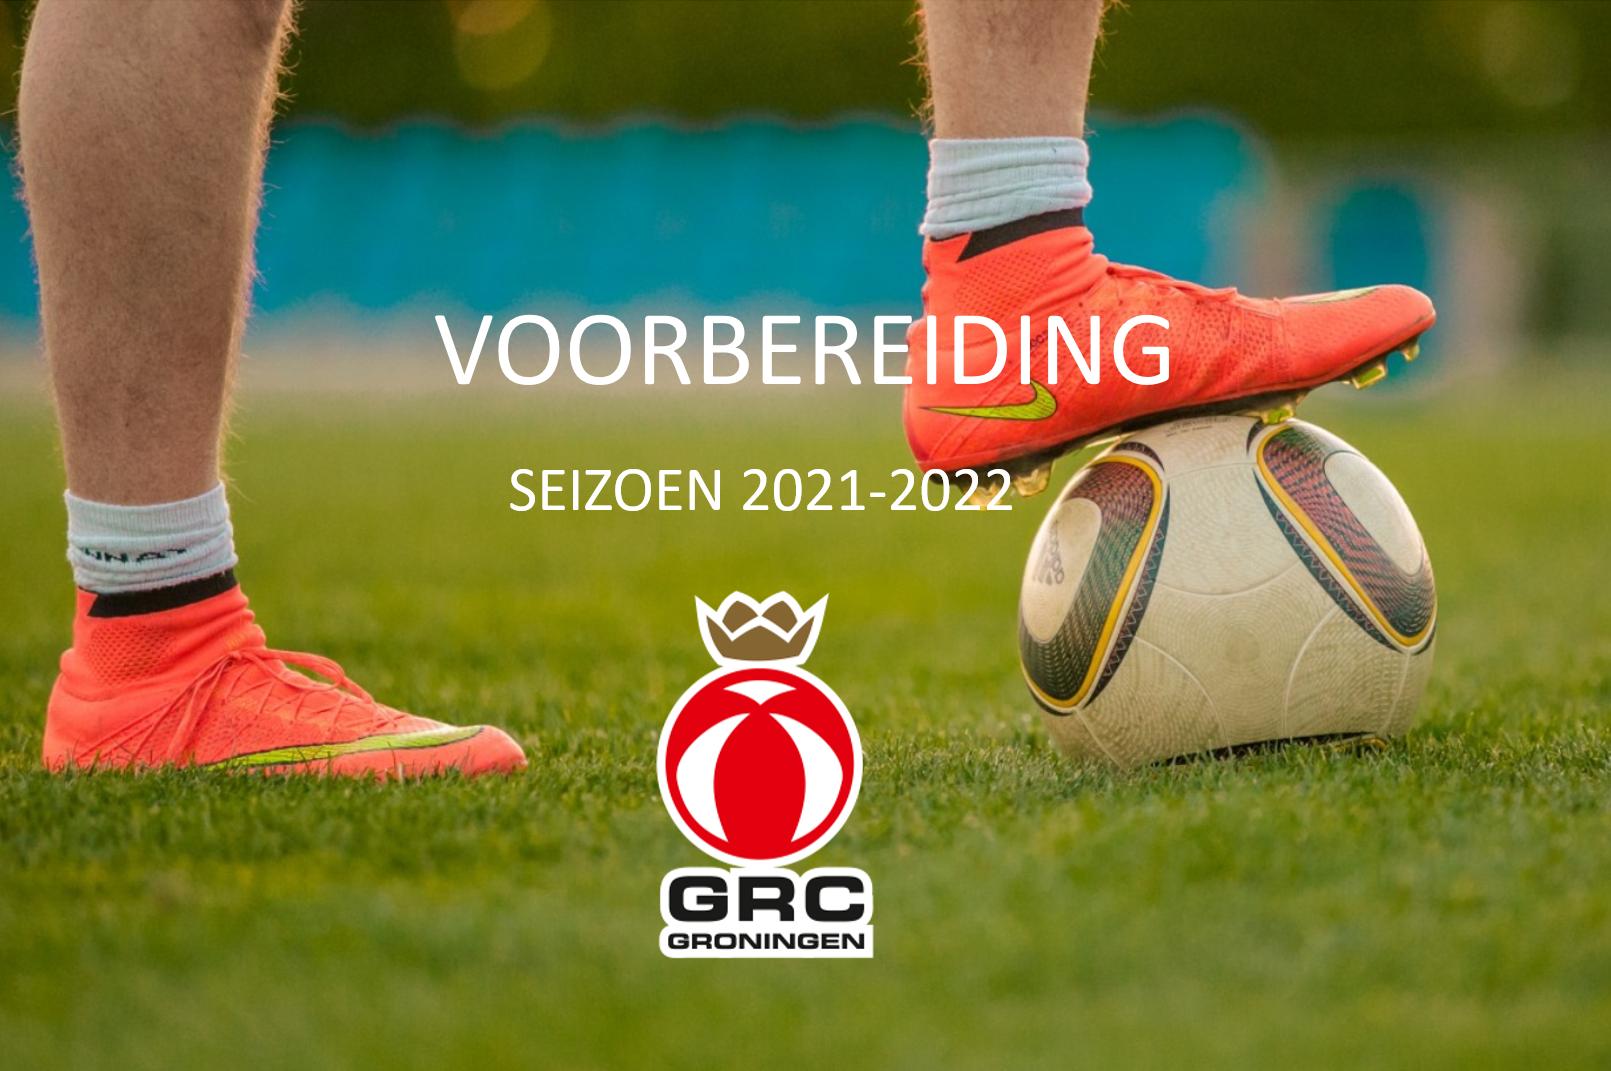 Voorbereiding seizoen 2021-2022 JO7 t/m JO23